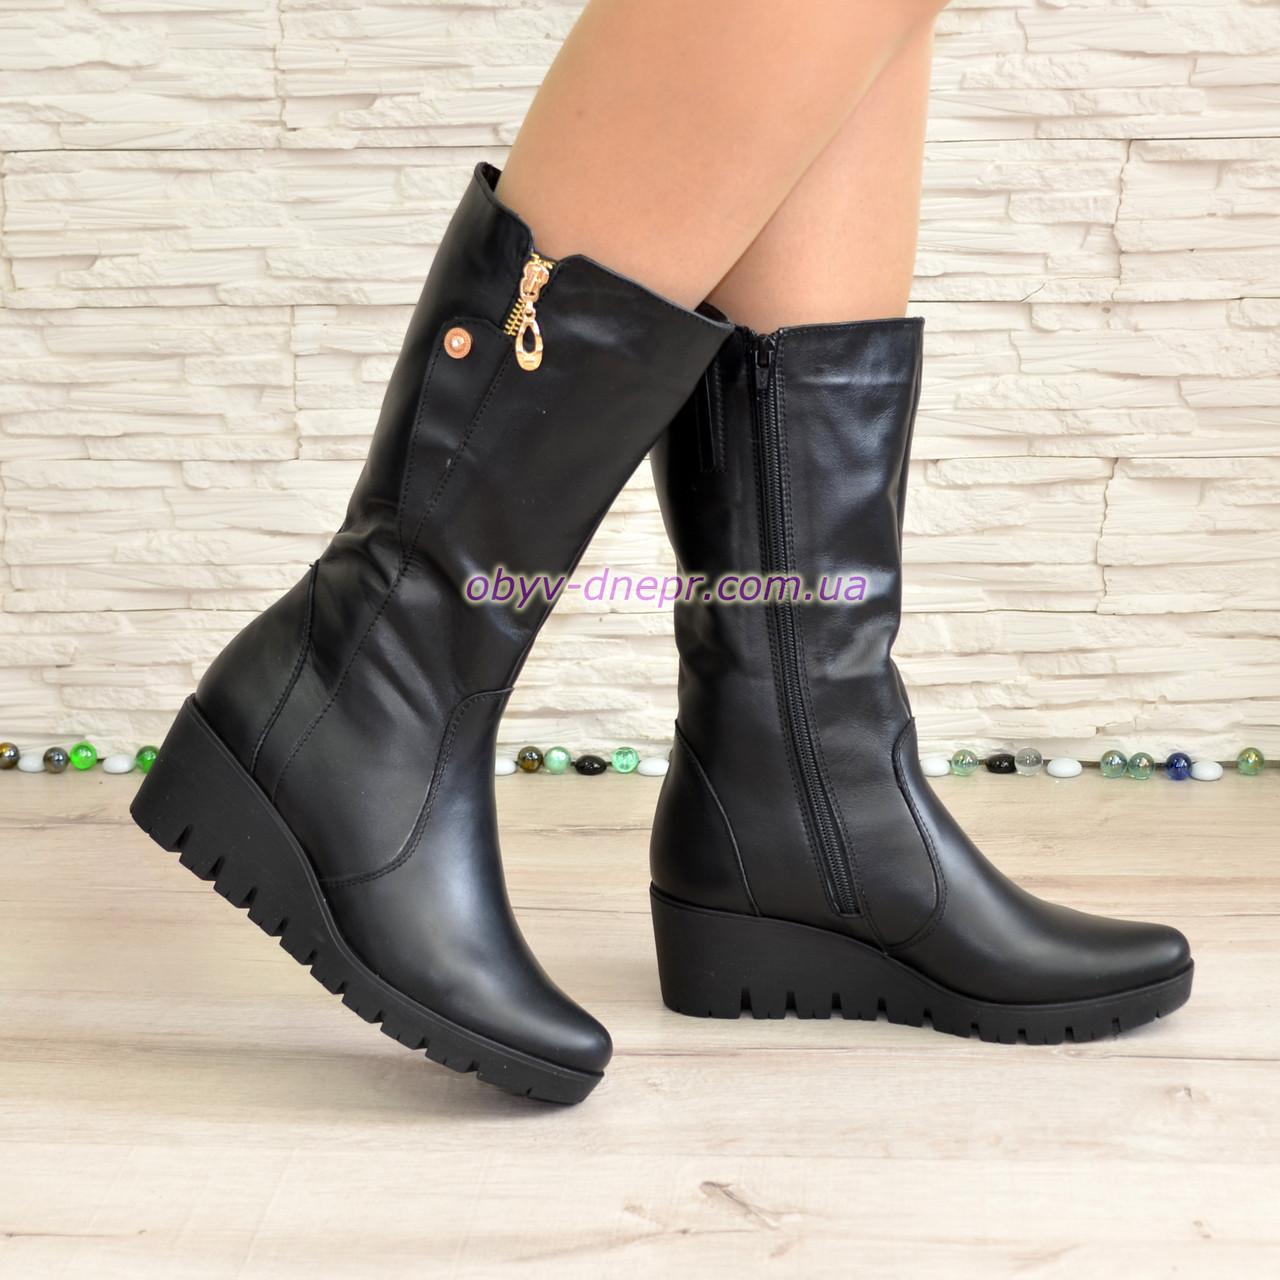 Женские зимние ботинки на невысокой платформе, натуральная черная кожа